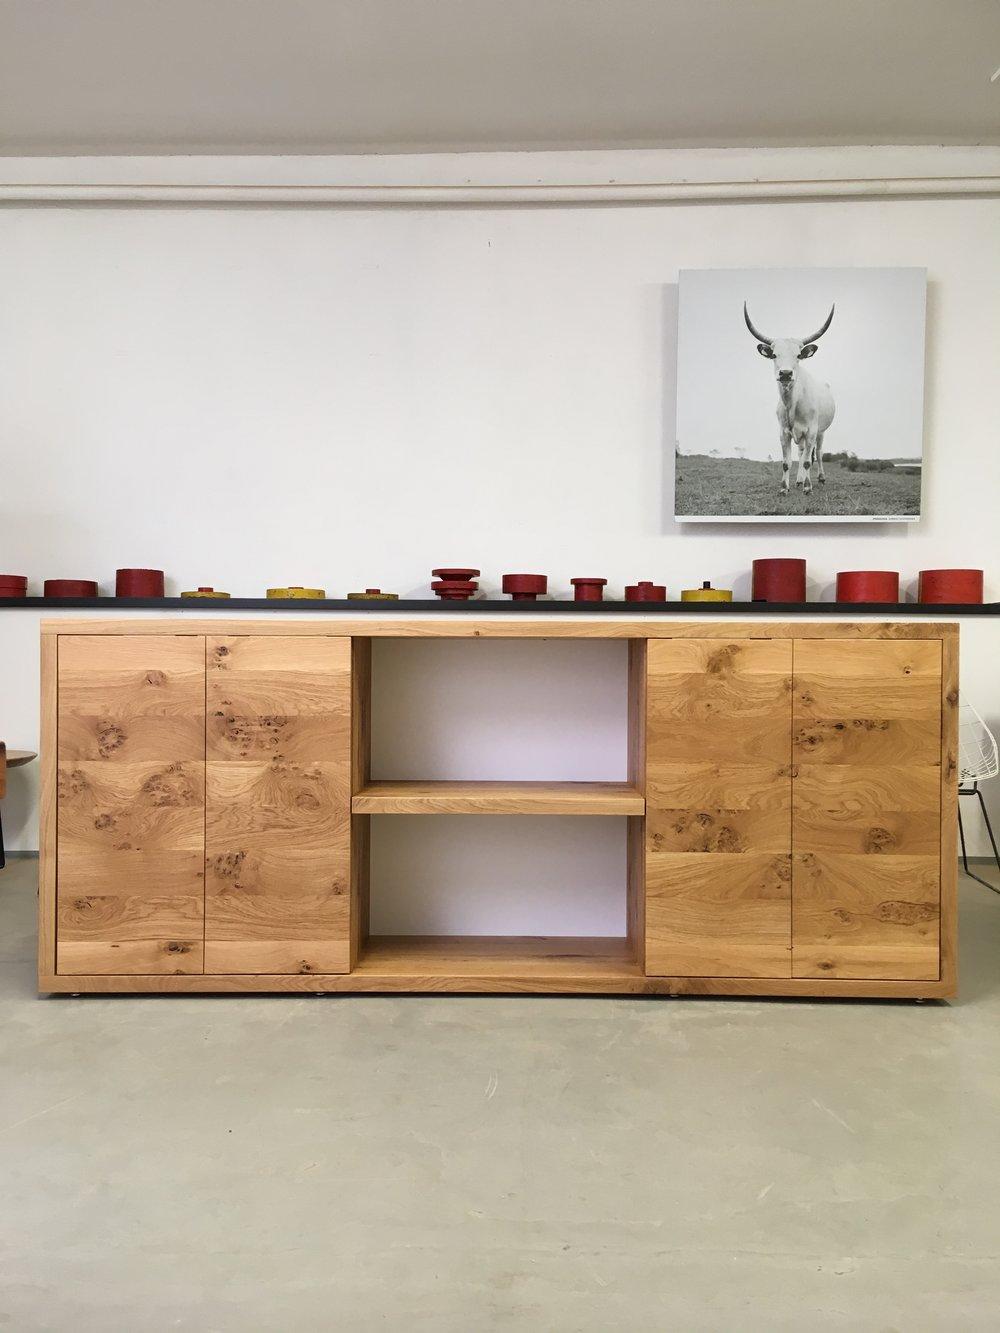 Dean das Sideboard aus Asteiche 220 x 40 x 90 cm 2700 Euro inklusive 19 % Mehrwertsteuer, ab Werkstatt.